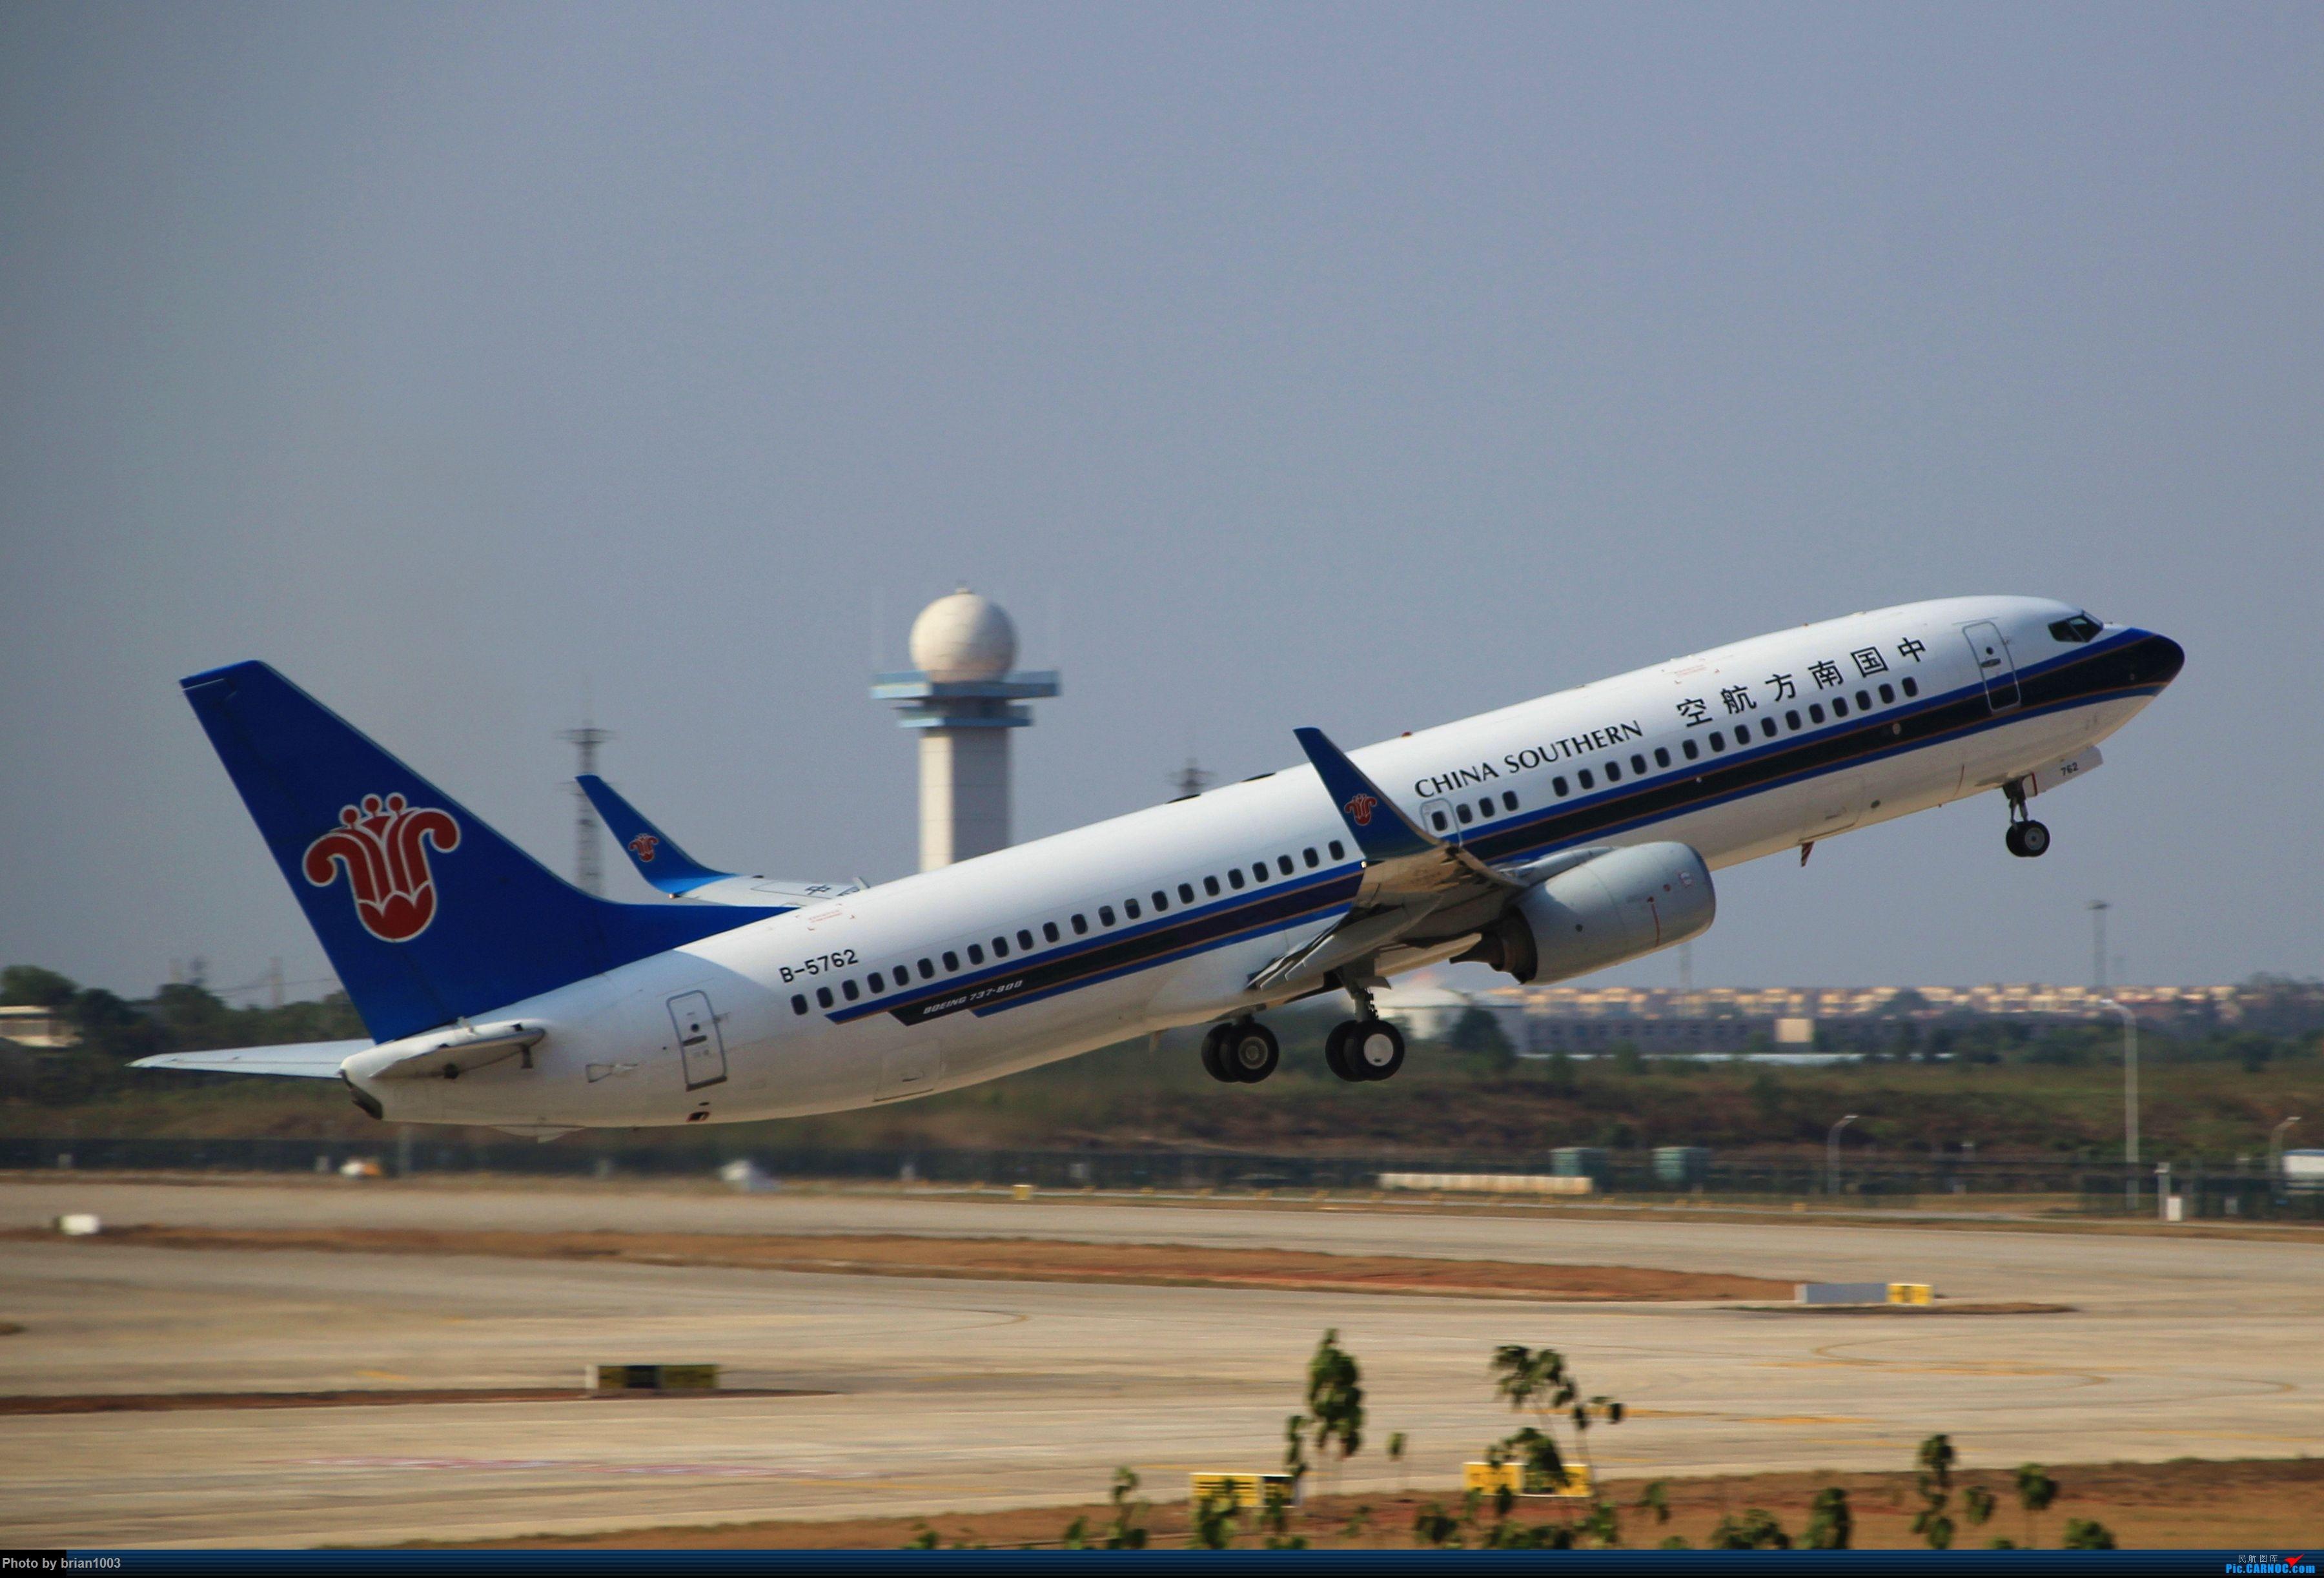 Re:[原创]WUH武汉天河机场拍机之精彩满满的十月(还可能更新) BOEING 737-800 B-5762 中国武汉天河国际机场